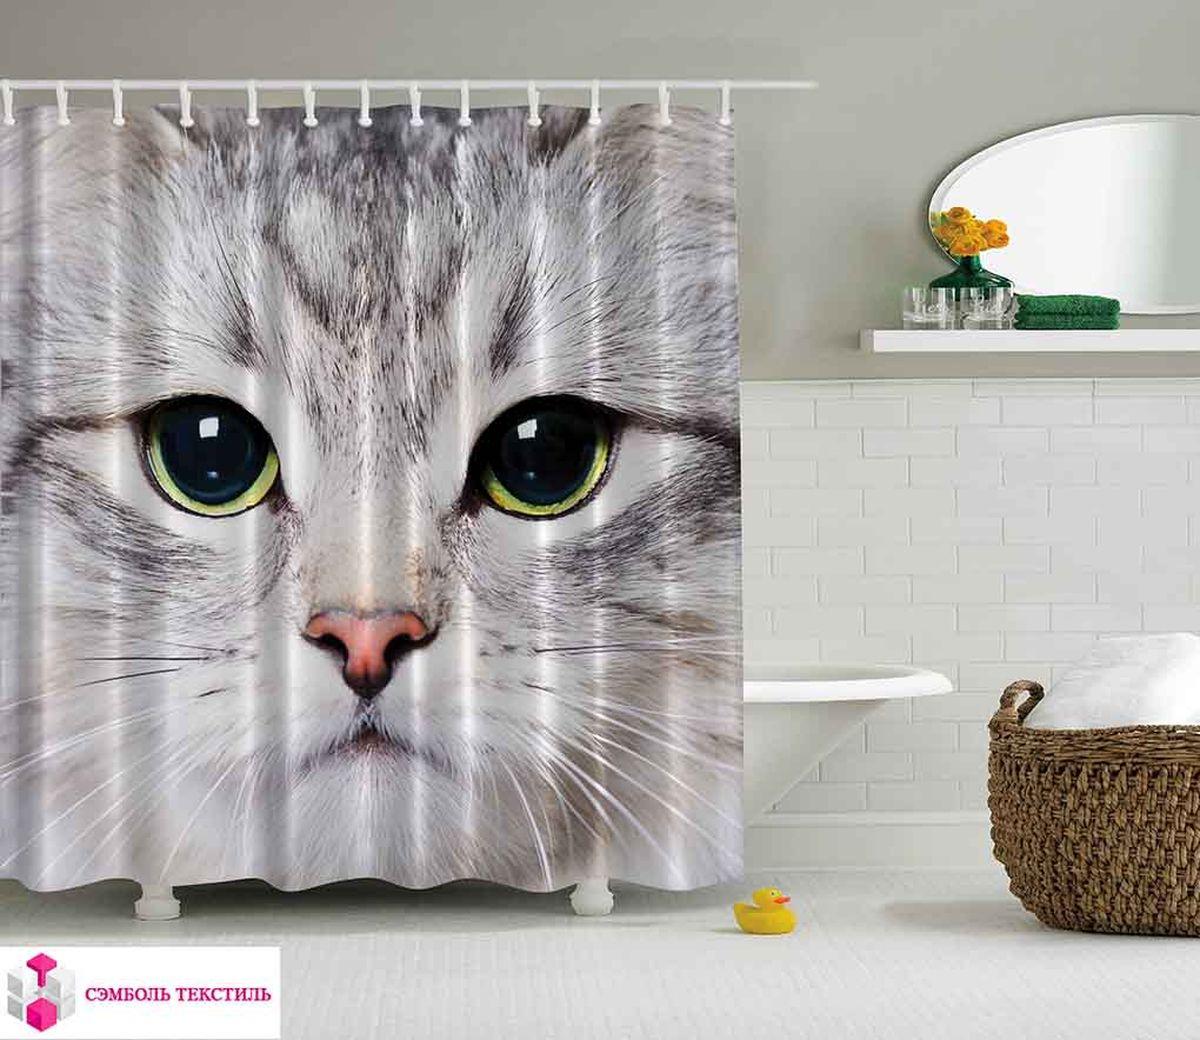 Штора для ванной комнаты Magic Lady Серый кот, 180 х 200 смшв_2736Штора Magic Lady Серый кот, изготовленная из высококачественного сатена (полиэстер 100%), отлично дополнит любой интерьер ванной комнаты. При изготовлении используются специальные гипоаллергенные чернила для прямой печати по ткани, безопасные для человека. В комплекте: 1 штора, 12 крючков. Обращаем ваше внимание, фактический цвет изделия может незначительно отличаться от представленного на фото.